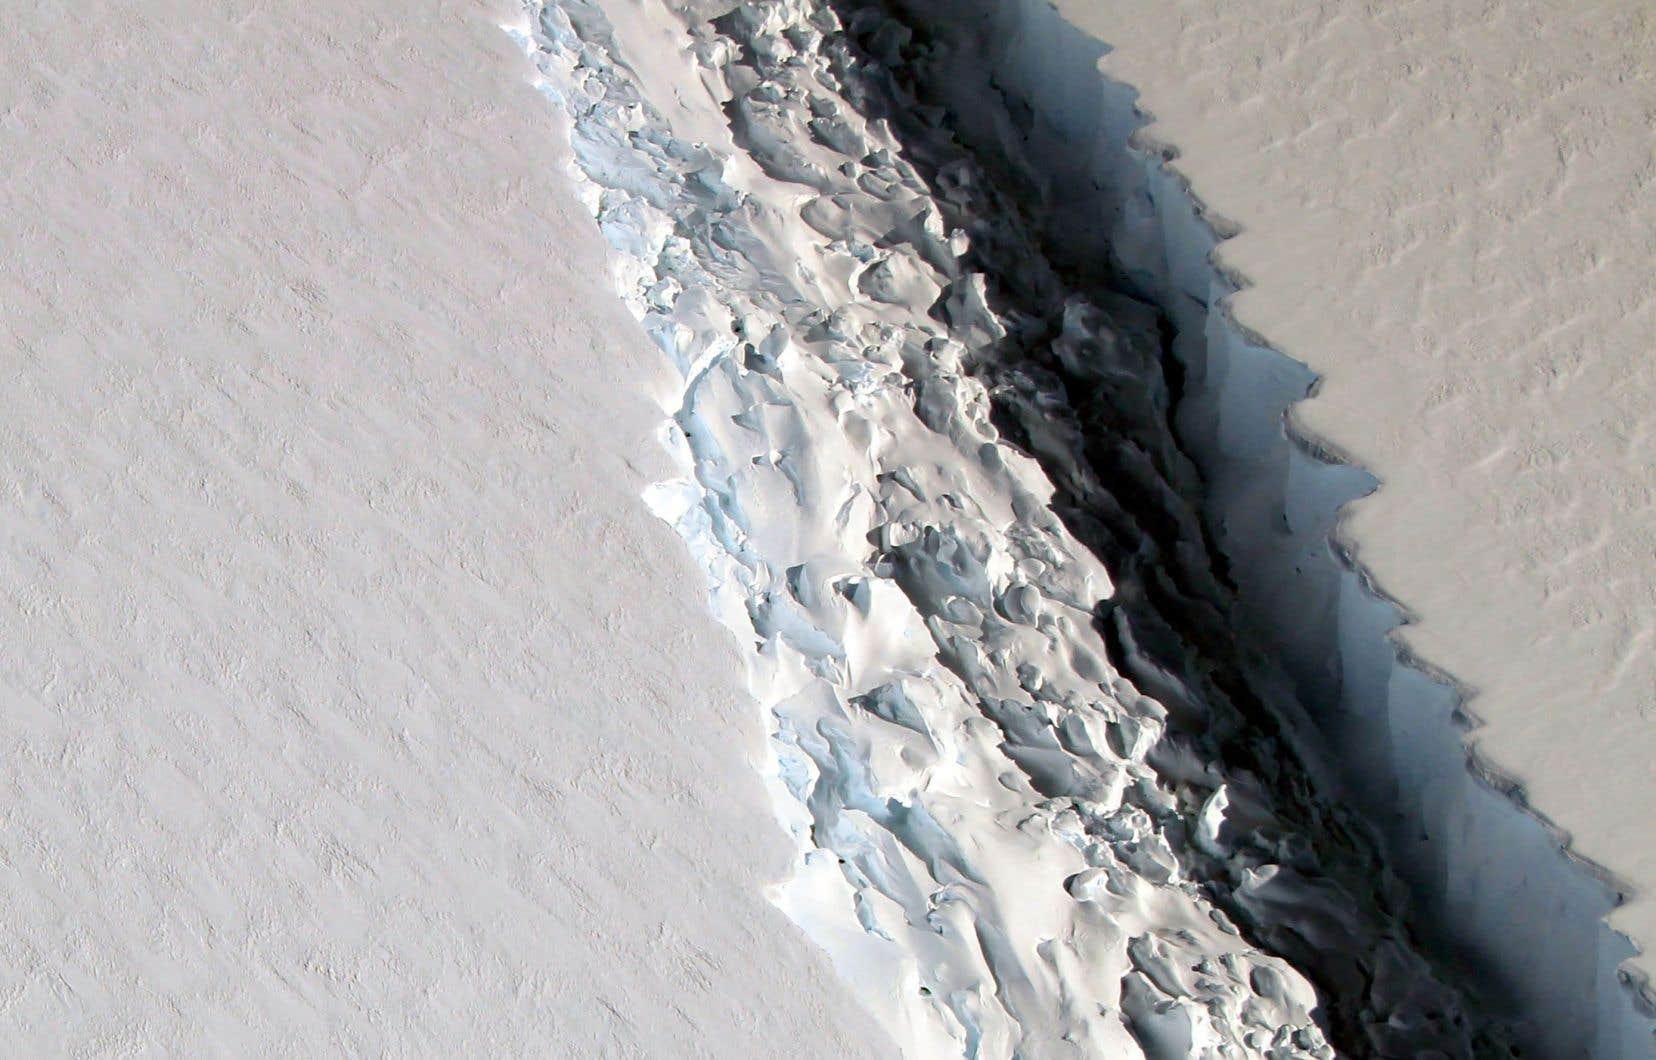 La protection de l'environnement figure parmi les thèmes sujets aux clivages. Ci-haut : des fissures se sont formées en 2016 dans le plus grand segment de la barrière de Larsen, en Antarctique, jusqu'au détachement d'un immense iceberg, autre signe du changement climatique.